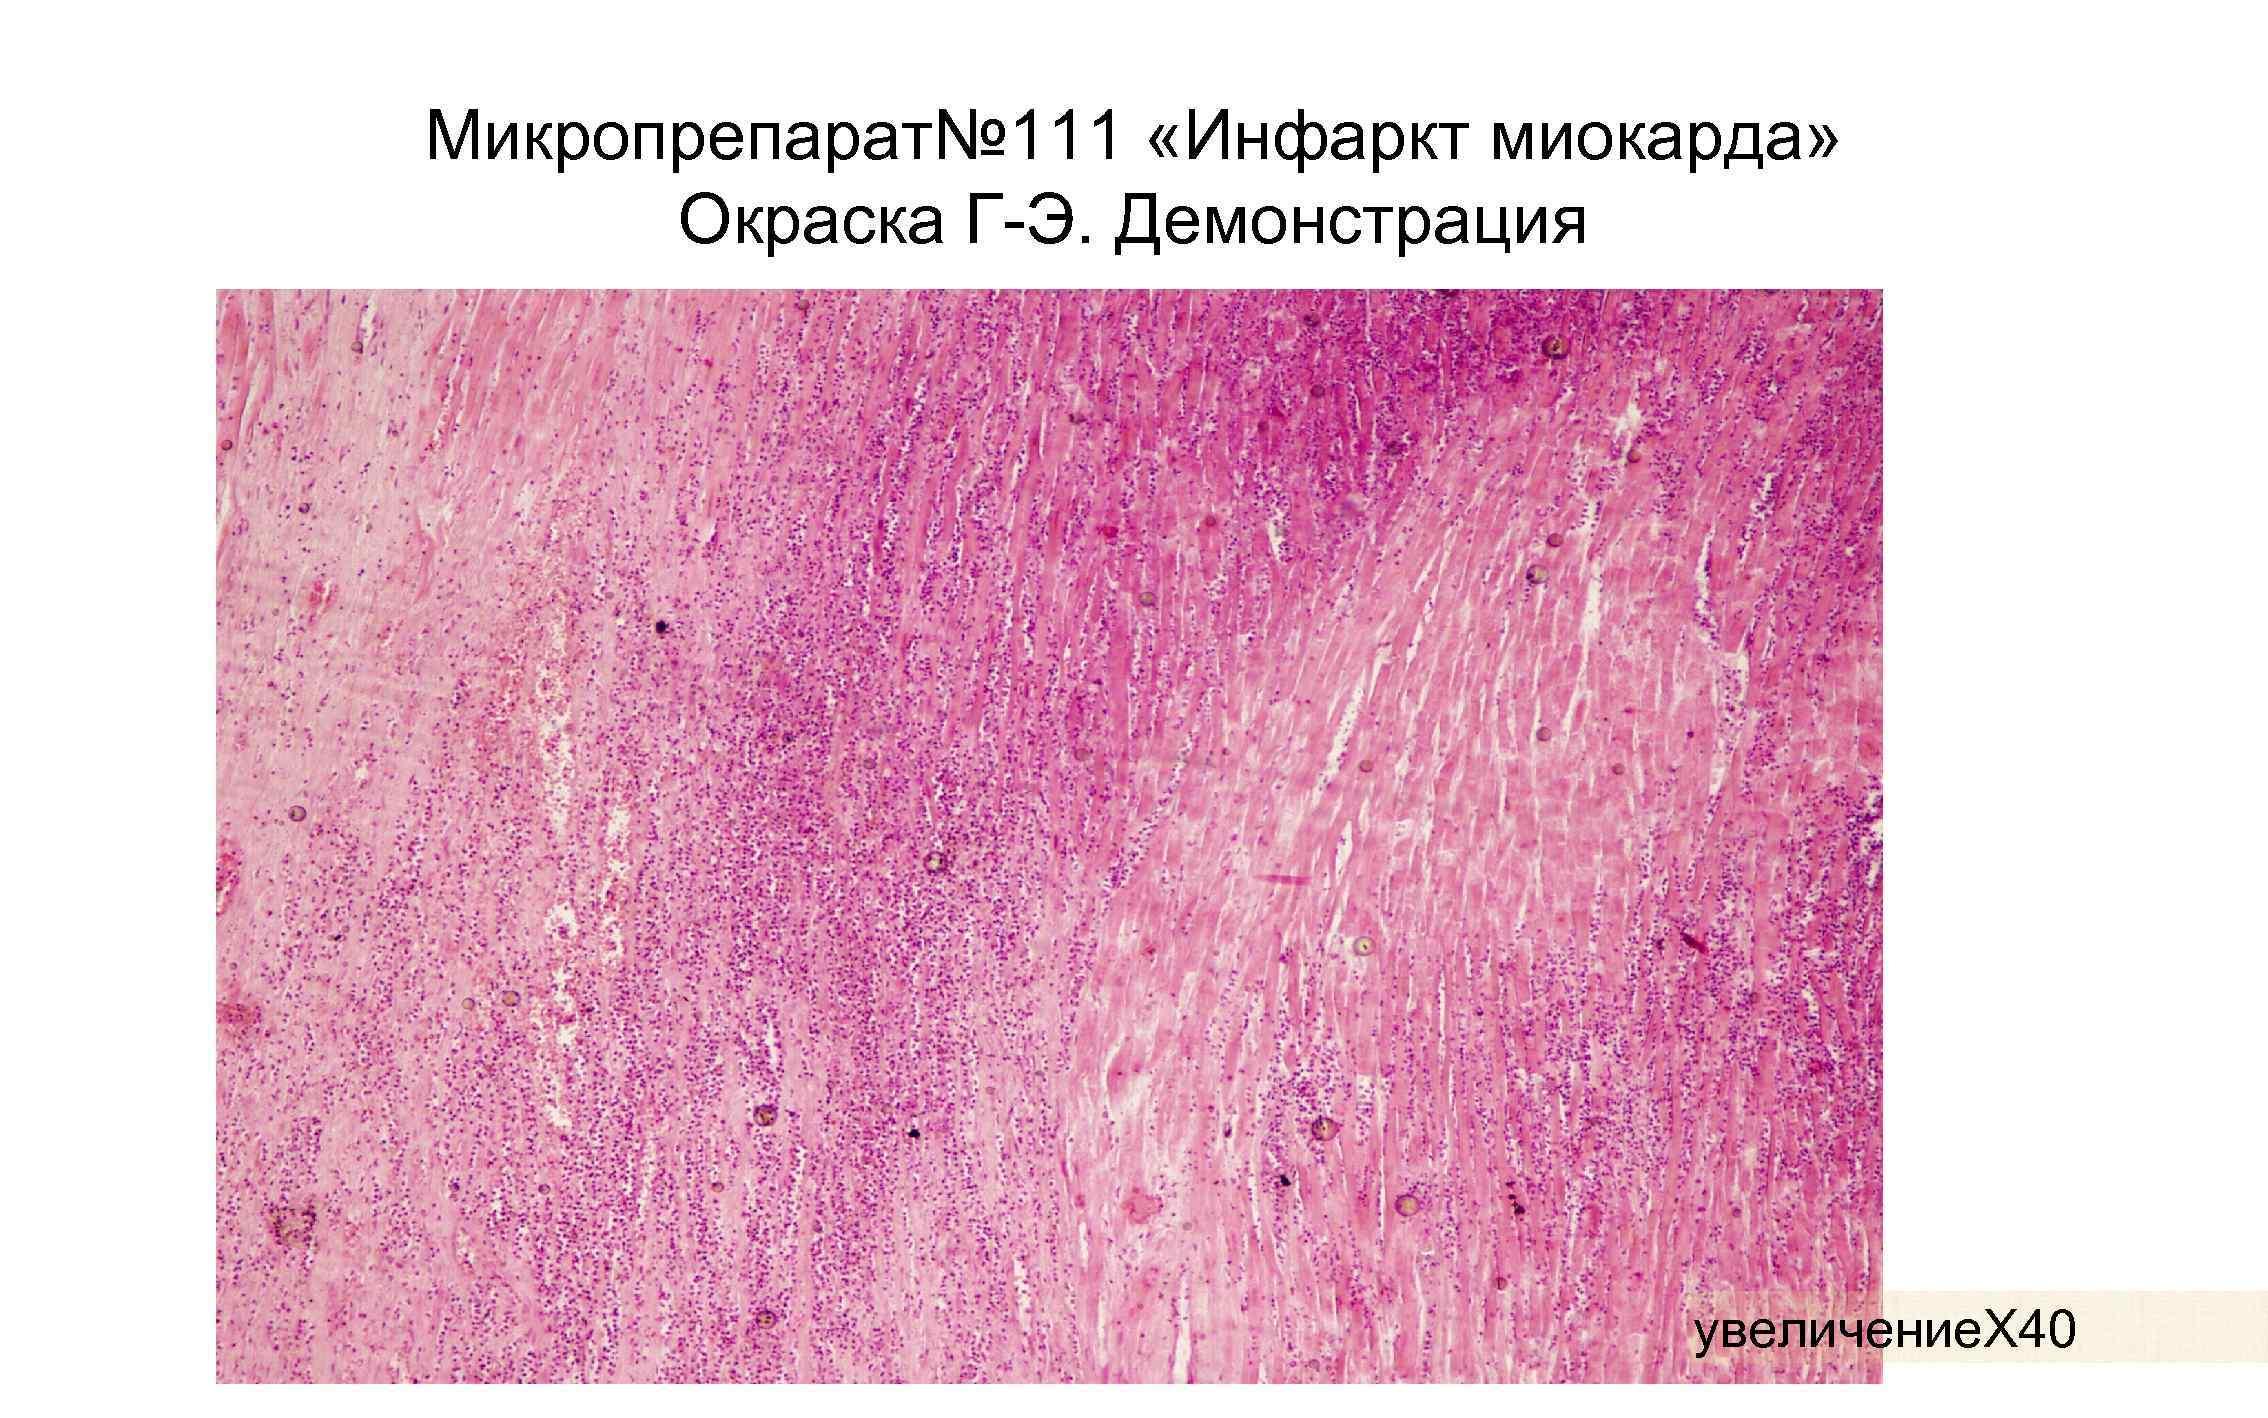 Микропрепарат№ 111 «Инфаркт миокарда» Окраска Г-Э. Демонстрация увеличение. Х 40